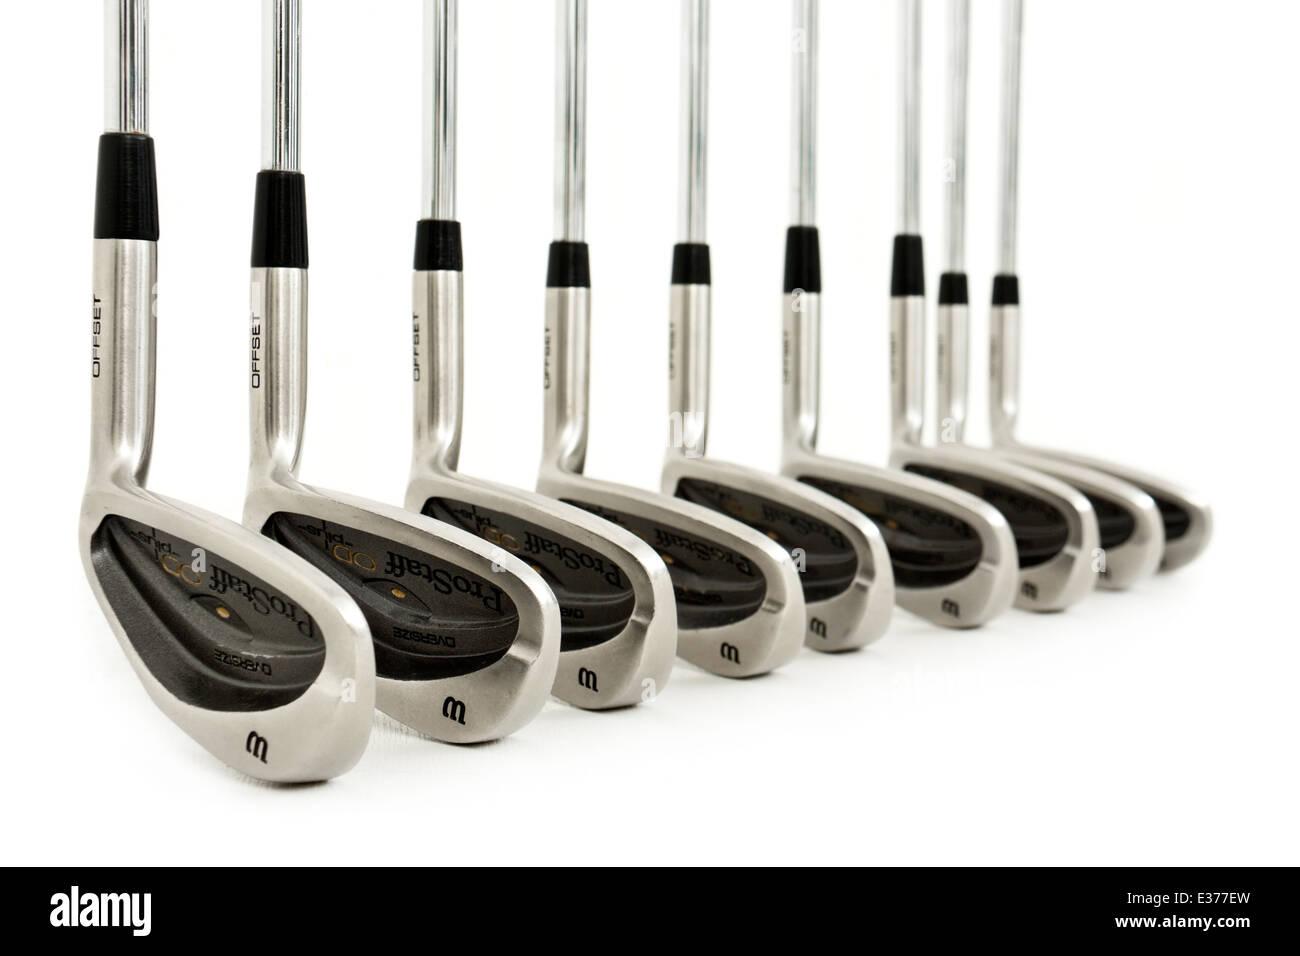 Walmart golf clubs